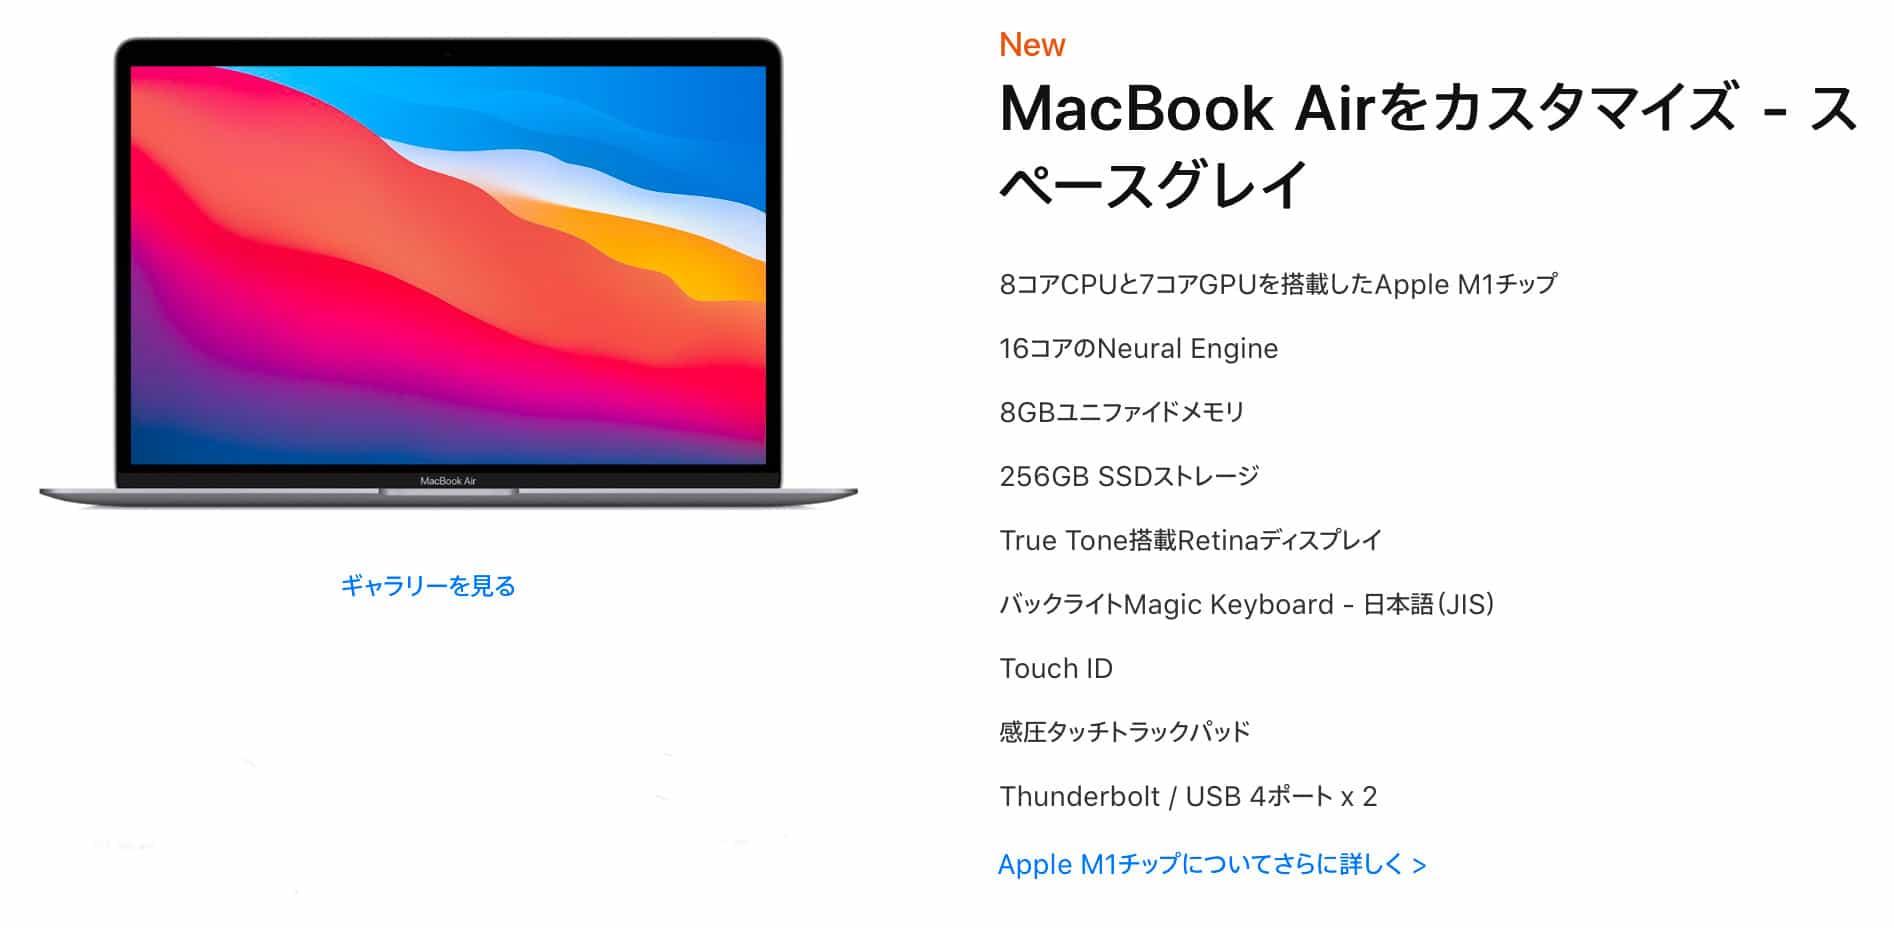 13インチ MacBook Air(M1チップ 下位モデル)